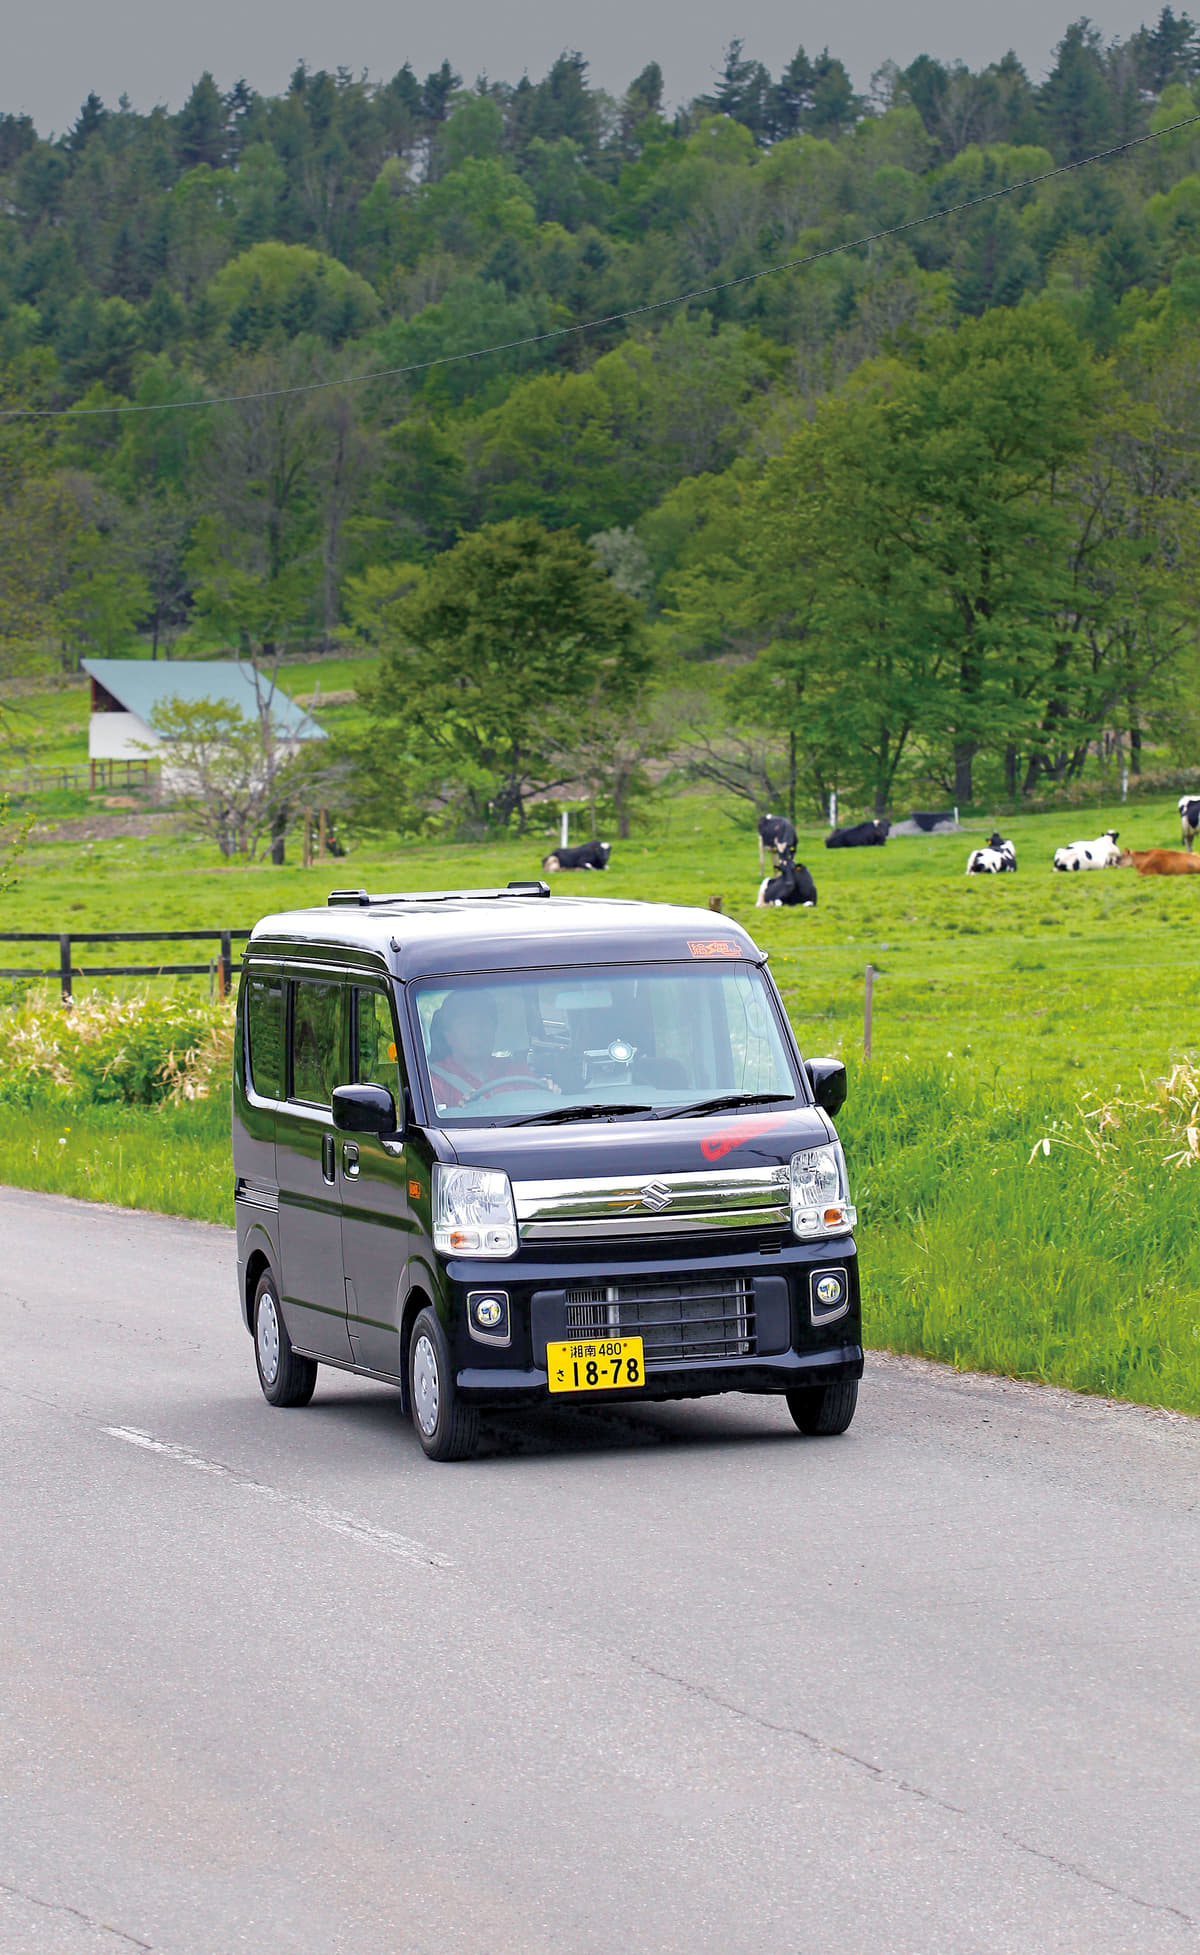 「軽キャンピングカー」は本当に使えるのか? 北海道「ほぼ1周」ガチで「2週間車中泊」してわかったこと